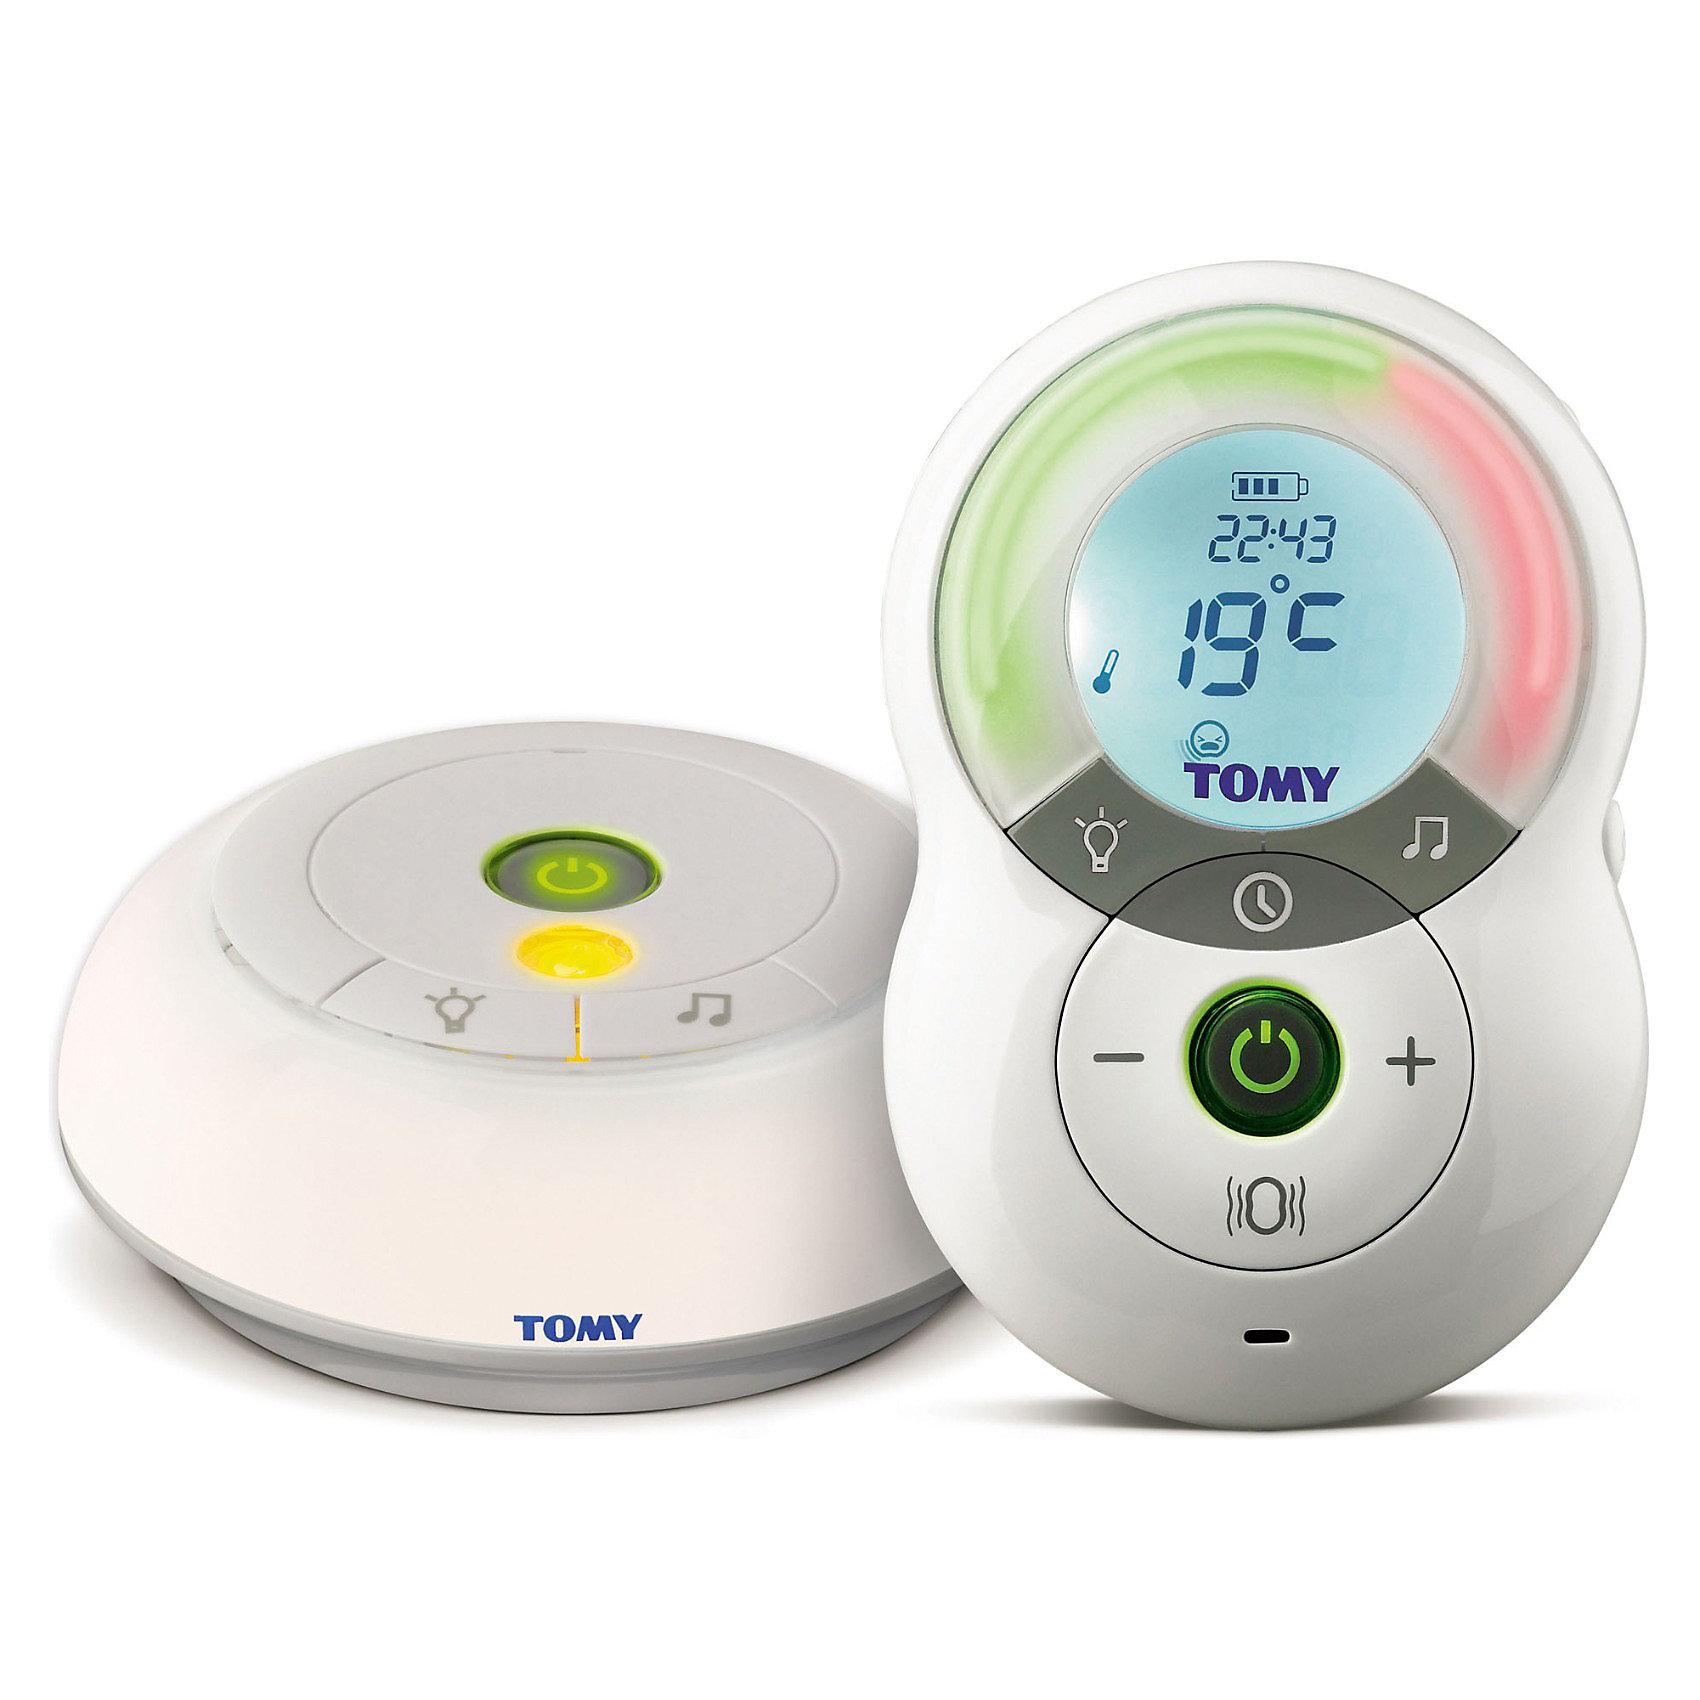 Радионяня TOMY, TF550Радионяня TOMY (Томи), TF550 предназначена для заботливых родителей, которые выбирают качественный звук, полную конфиденциальность и высокий уровень защиты от помех. Высокая дальность уверенного приема/передачи сигнала (350 м) — позволит Вам заниматься своими делами, свободно перемещаться по дому и даже отлучаться к соседям, не теряя связи с малышом. Превосходное качество сигнала и отсутствие помех — достигается за счёт применения цифровой технологии DECT. Блок ребенка может воспроизводить приятные успокаивающие мелодии. Как показывает практика, такие (специально побранные) мелодии действуют ничуть не хуже маминой колыбельной. Родительский блок можно использовать в беззвучном режиме. В этом случае уровень шума в детской комнате отображается посредством светодиодного индикатора — чем громче звуки в комнате ребенка, тем больше лампочек загорается на панели прибора.<br><br>Дополнительная информация:<br><br>- В комплекте: детский блок, родительский блок, клипса для пояса, 2 сетевых адаптера, аккумулятор;<br>- С цифровой технологией DECT автоматически выберет оптимальный канал связи из 120 возможных и обеспечит кристально чистый звук;<br>- Радиус действия - 350 метров на открытом пространстве;<br>- Имеет двустороннюю связь с ребенком;<br>- Индикатор выхода за радиус действия;<br>- Индикатор зарядки батареи;<br>- Световые индикаторы отображения уровня звука;<br>- Ночник с дистанционным управлением с регулируемой яркостью. Мягкий свет на детском блоке;<br>- Ночник можно использовать с радионяней или без нее;<br>- Коллекция колыбельных мелодий на детском блоке, можно использовать с радионяней или без нее;<br>- ЖК-дисплей с подсветкой;<br>- Температурный датчик, информация выводится на дисплей;<br>- Активация звуком, т.е. вы сами устанавливаете звуковой порог чувствительности микрофона и все шумы и звуки ниже этого порога игнорируются;<br>- Клипса для крепления на пояс;<br>- Функция поиска родительского блока;<br>- Аккумулятор для родительского блока;<br